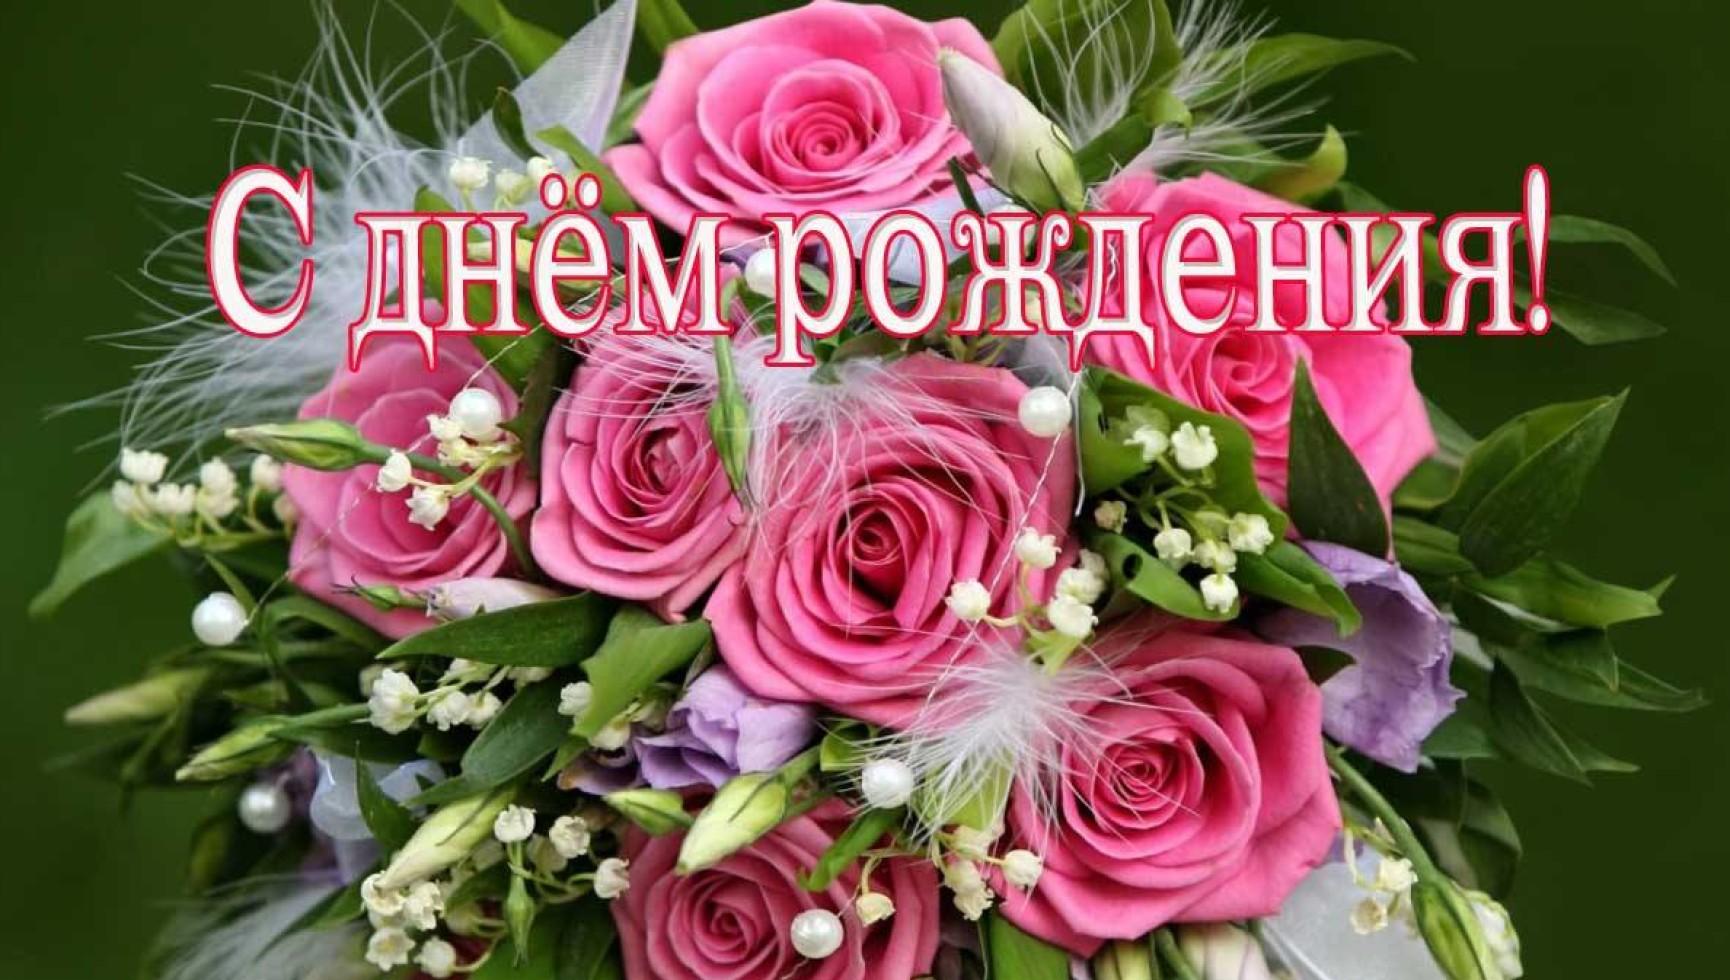 Поздравляем с Днем рождения главу муниципального образования Веневский район Петрушина Сергея Юрьевича